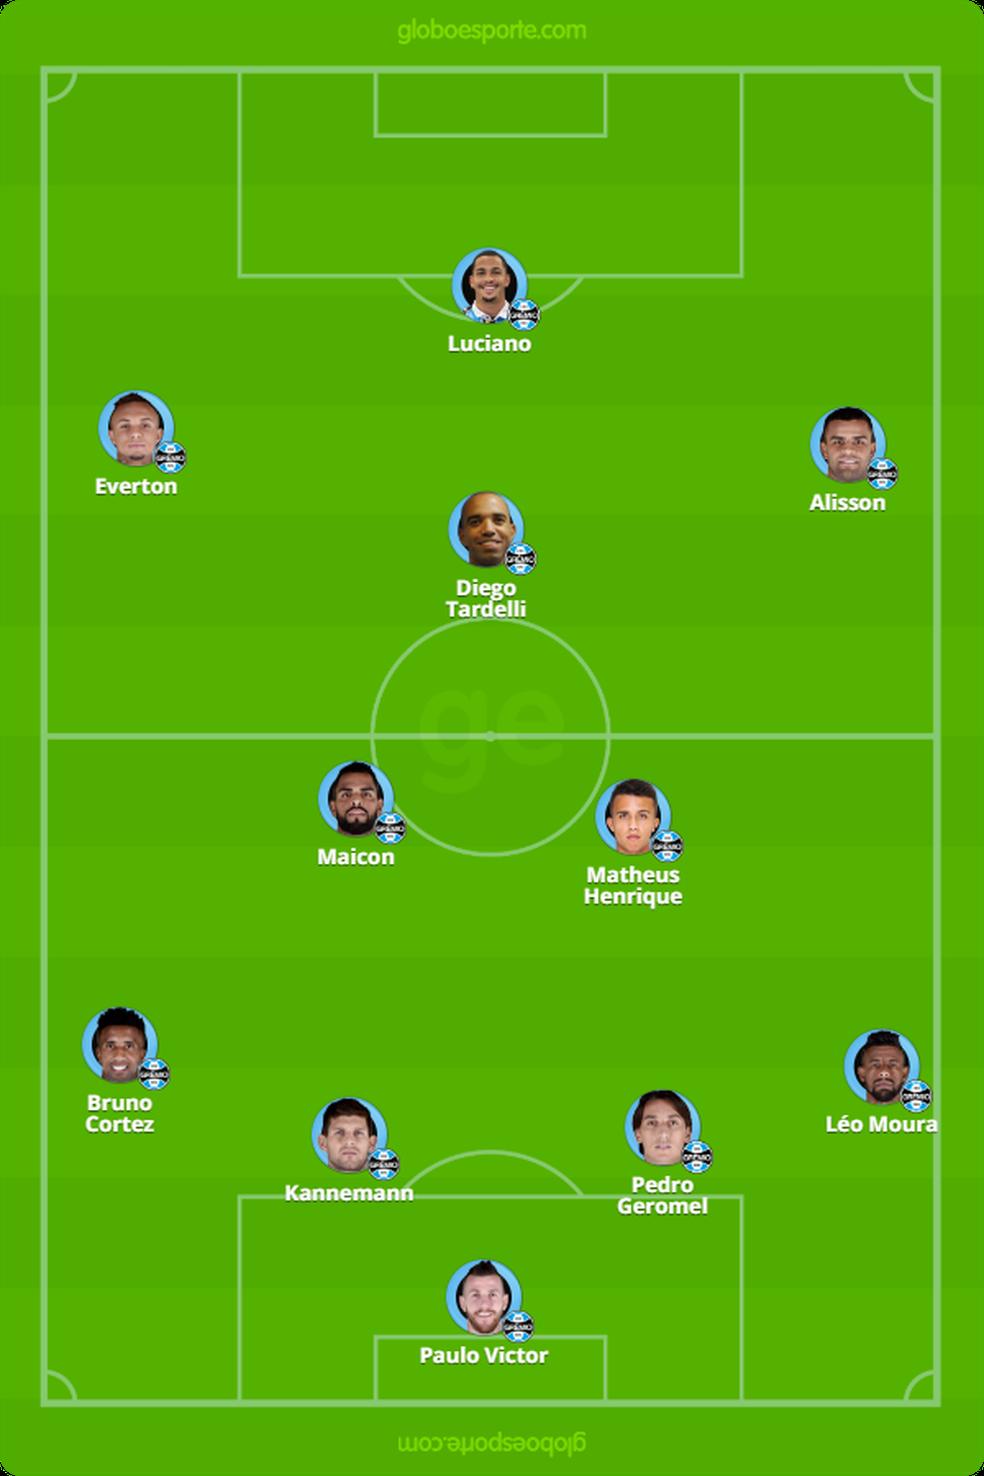 Provável escalação do Grêmio contra o CSA — Foto: GloboEsporte.com